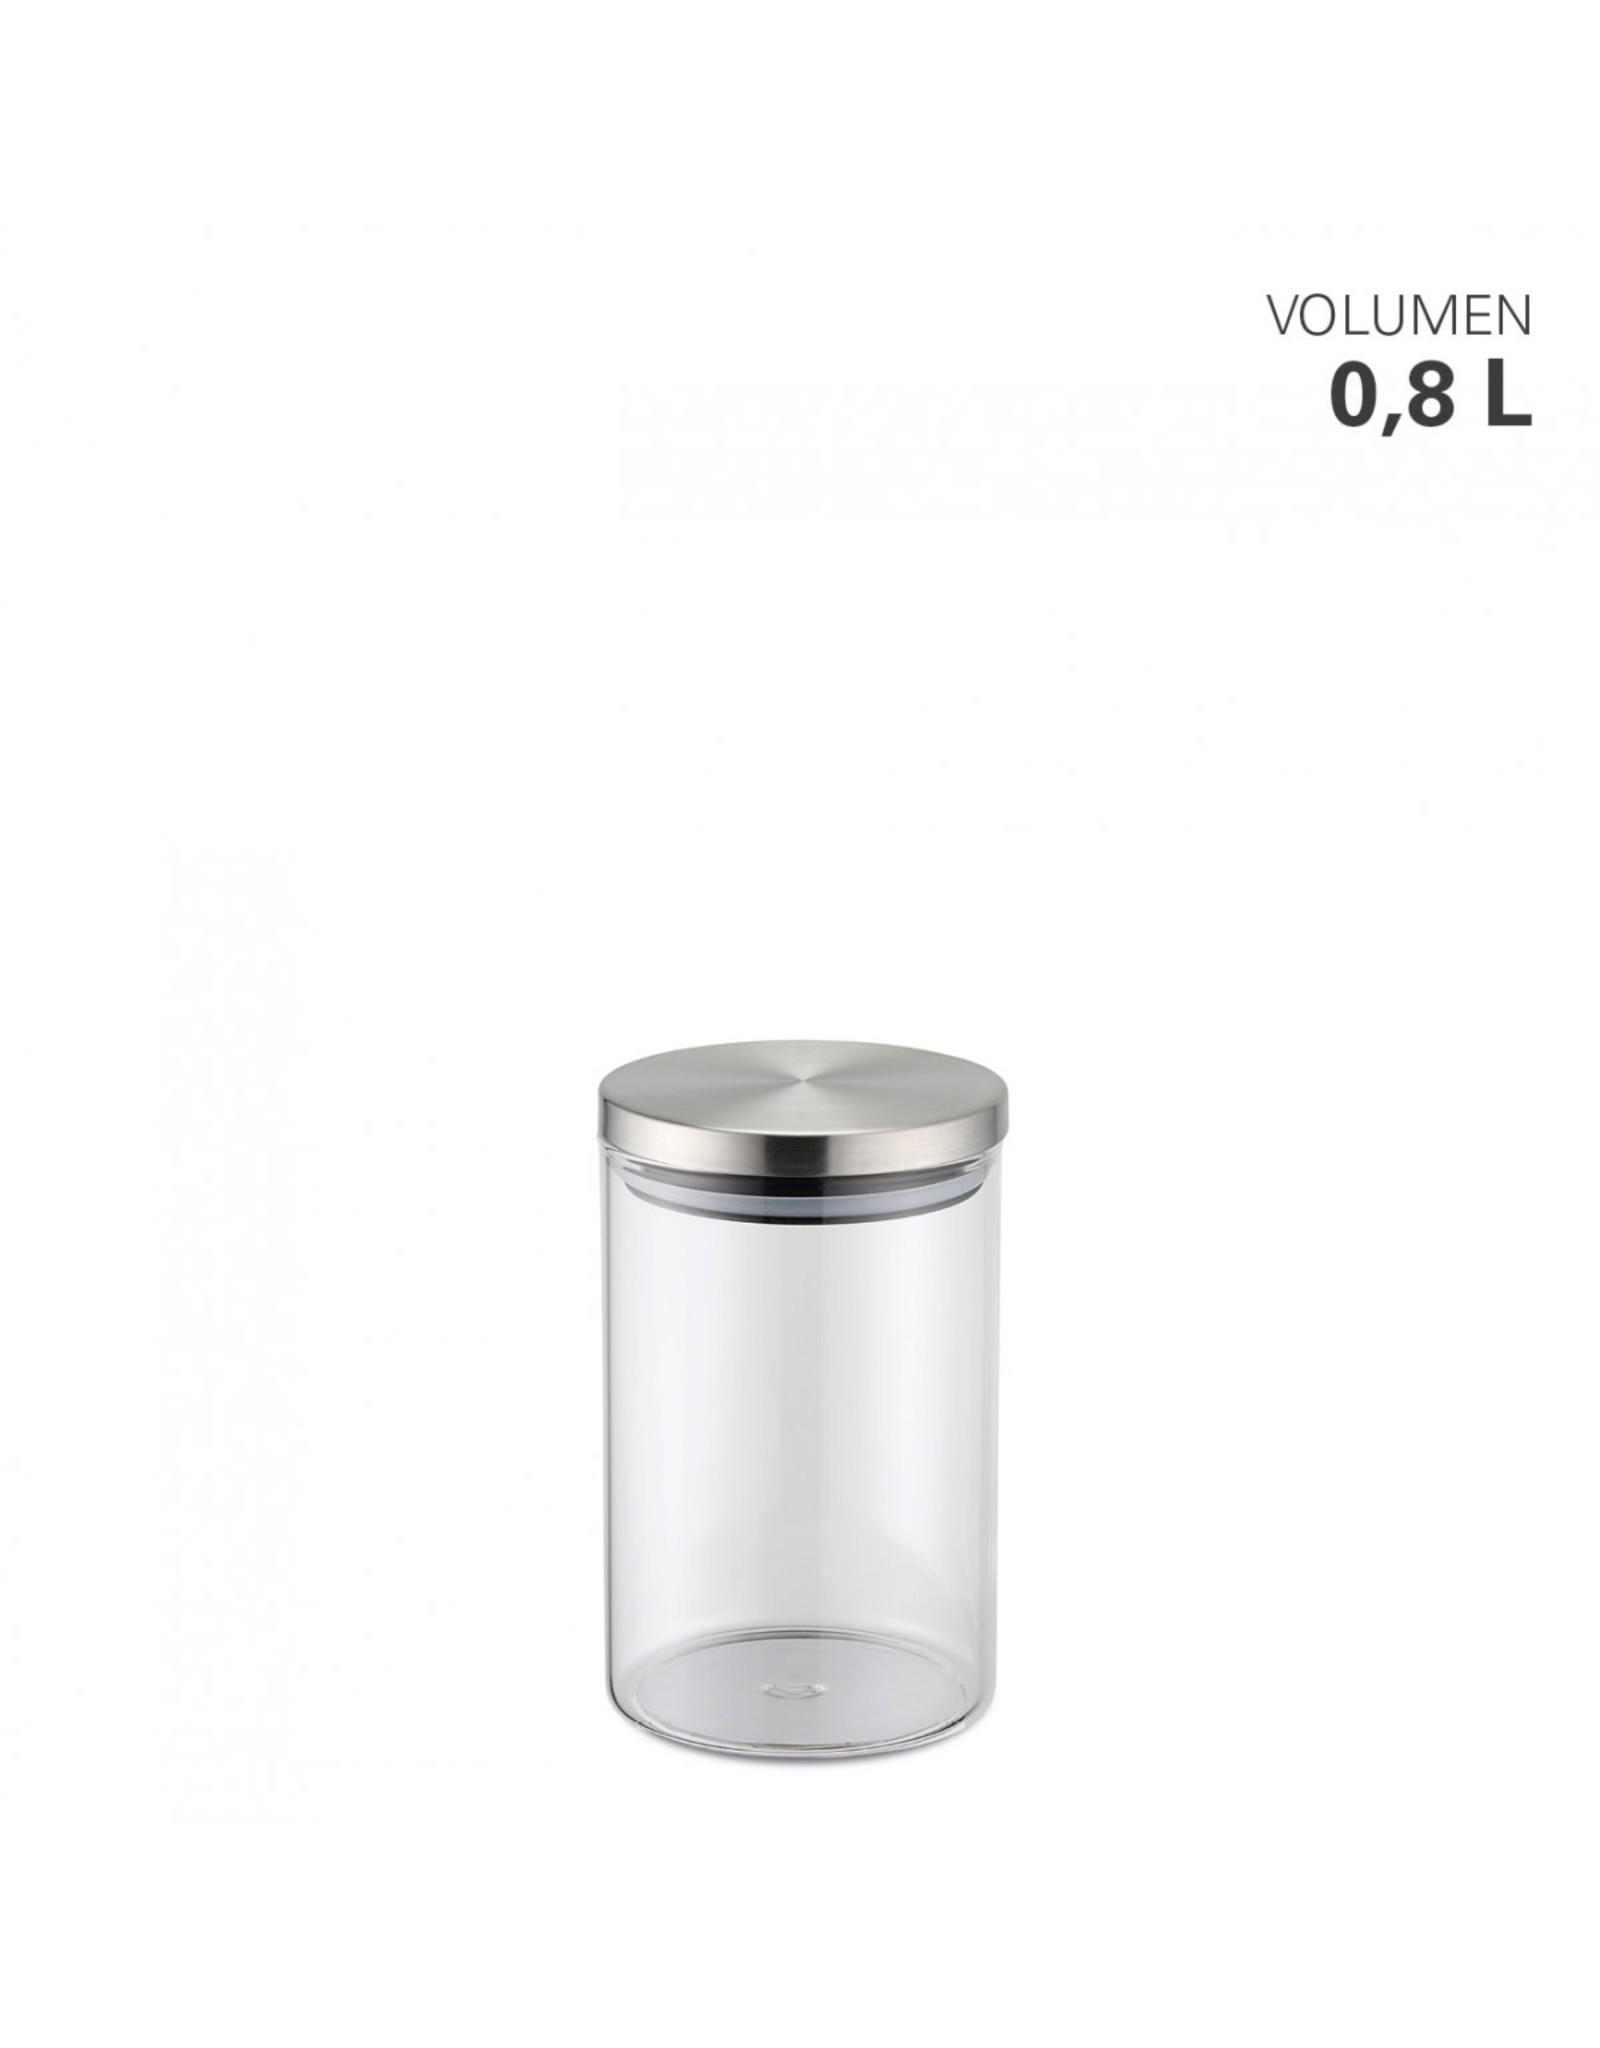 Weis Glazen voorraadpot met RVS deksel 0,8L